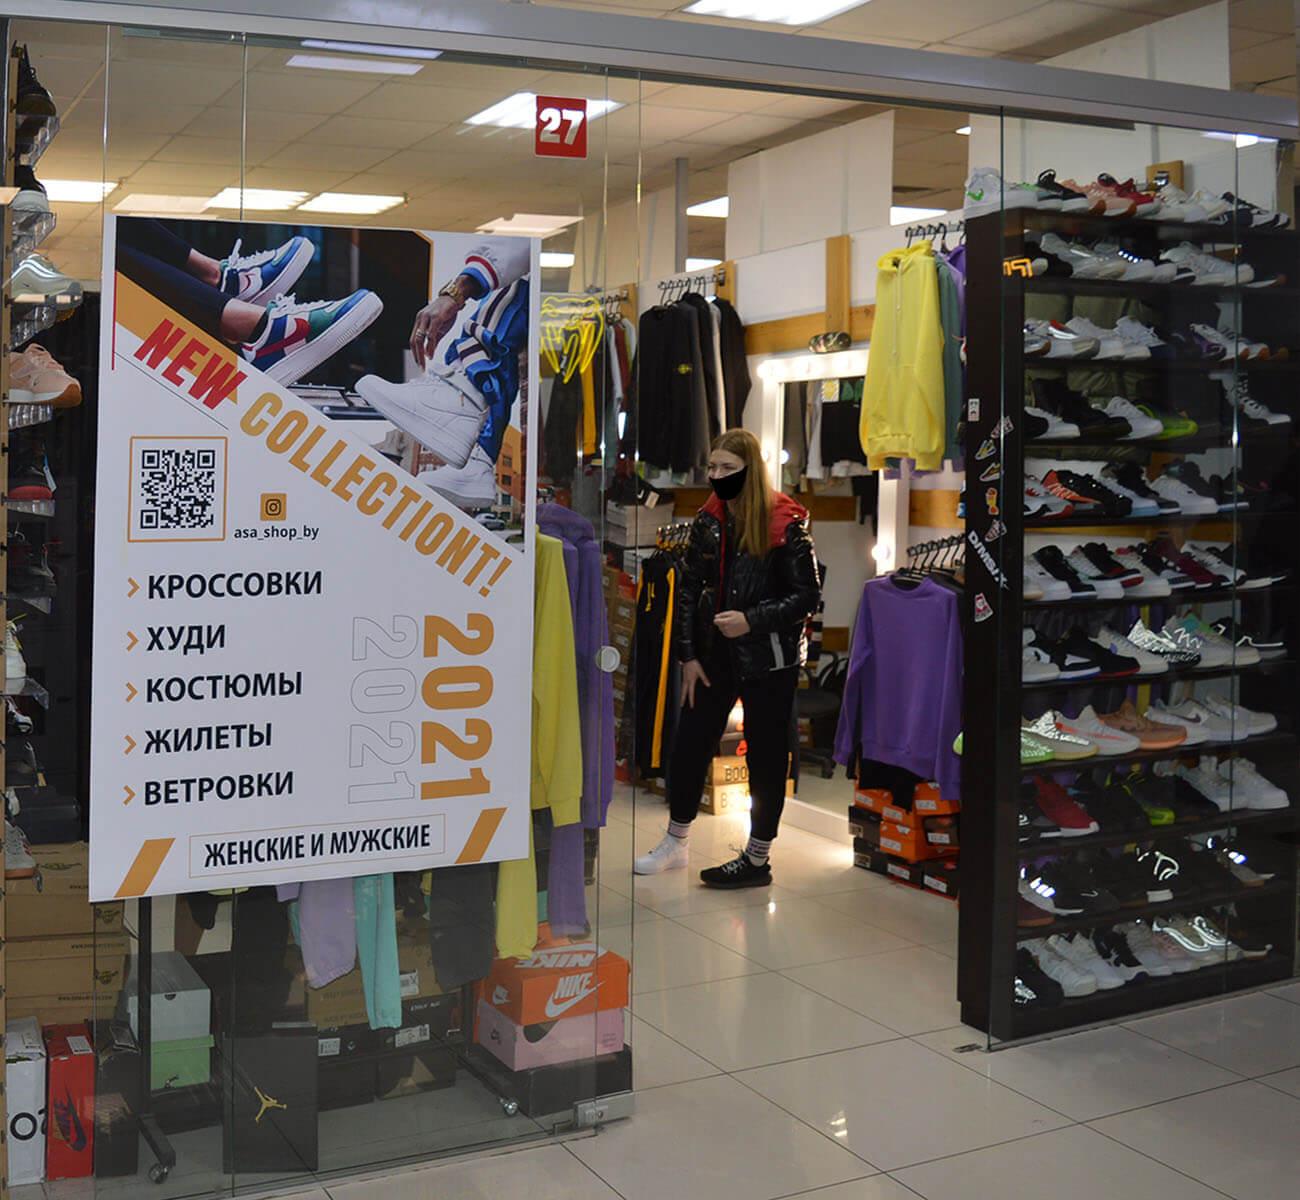 ASA shop - магазин кроссовок и молодежной одежды в Торговом Центре «Немига 3»